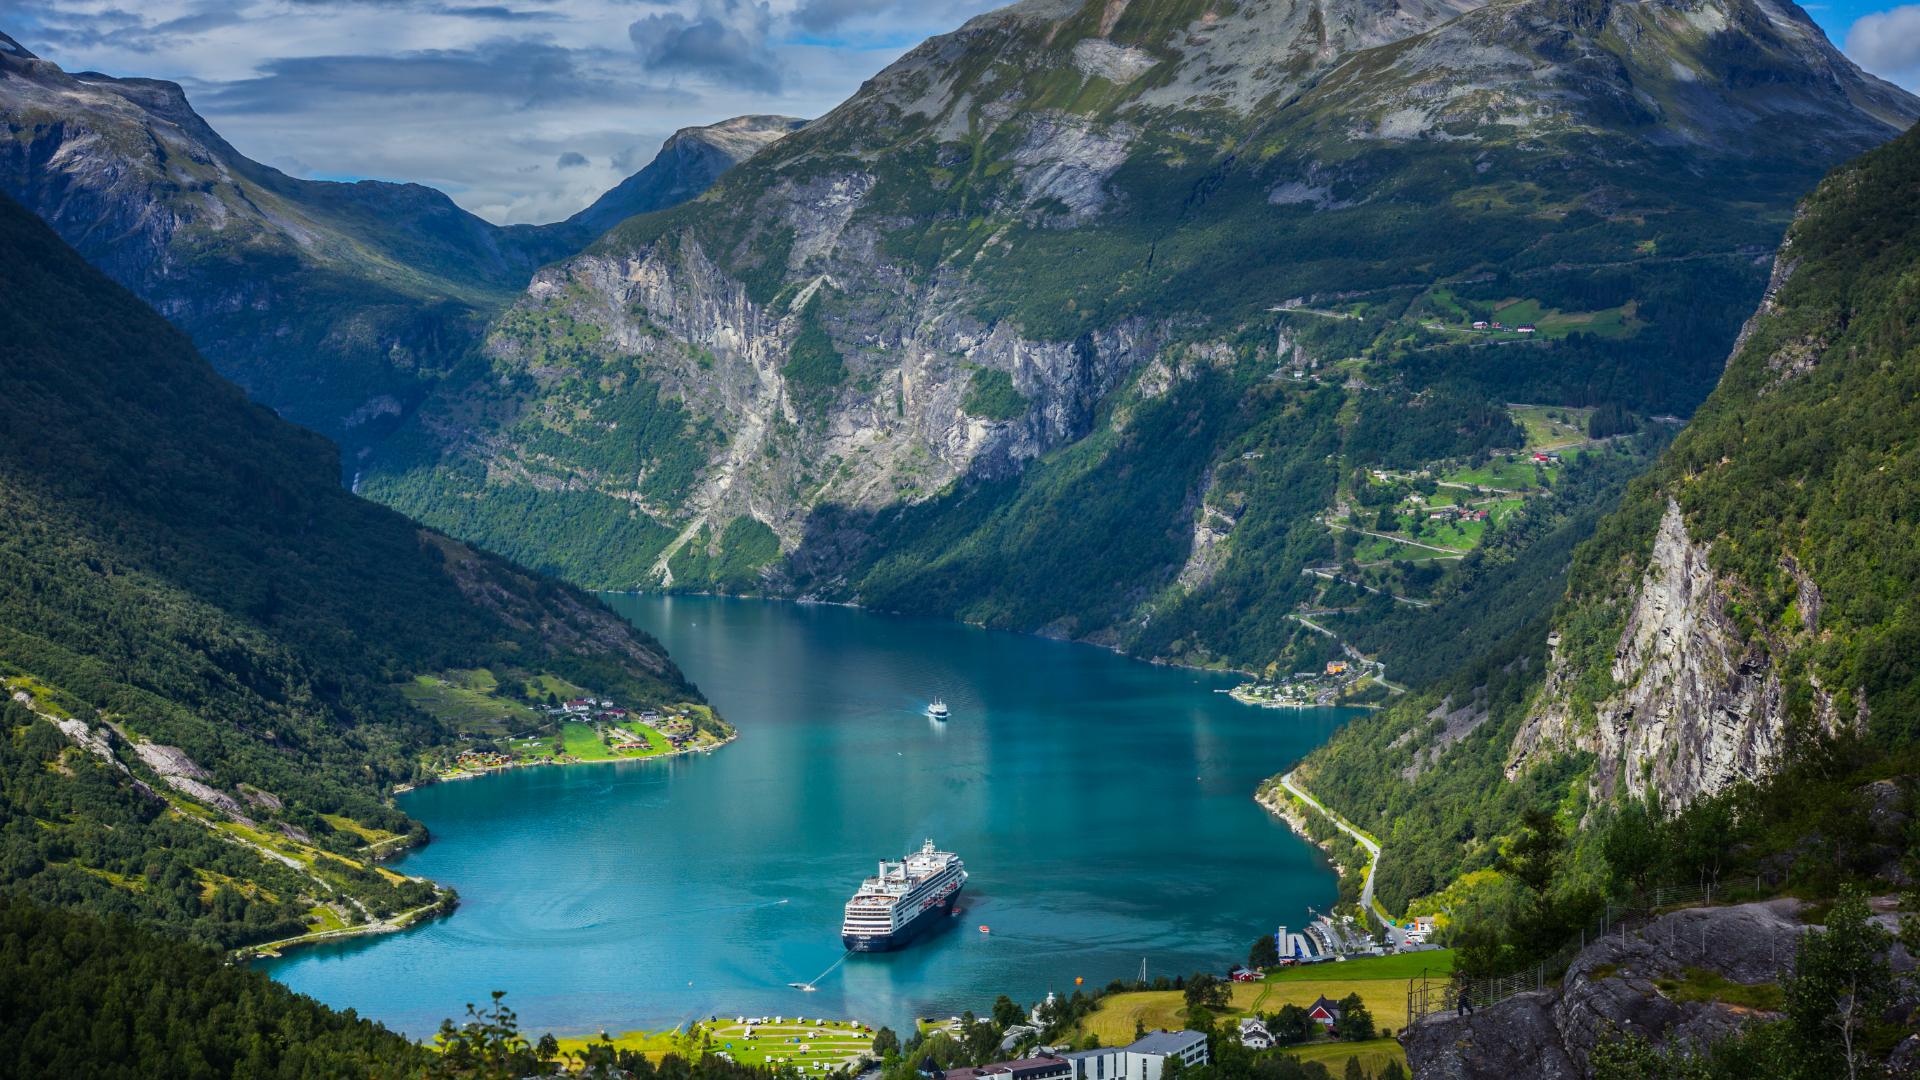 Fiyortlardan Fiyort Beğenelim, Norveç Doğasının Büyülü Manzaraları